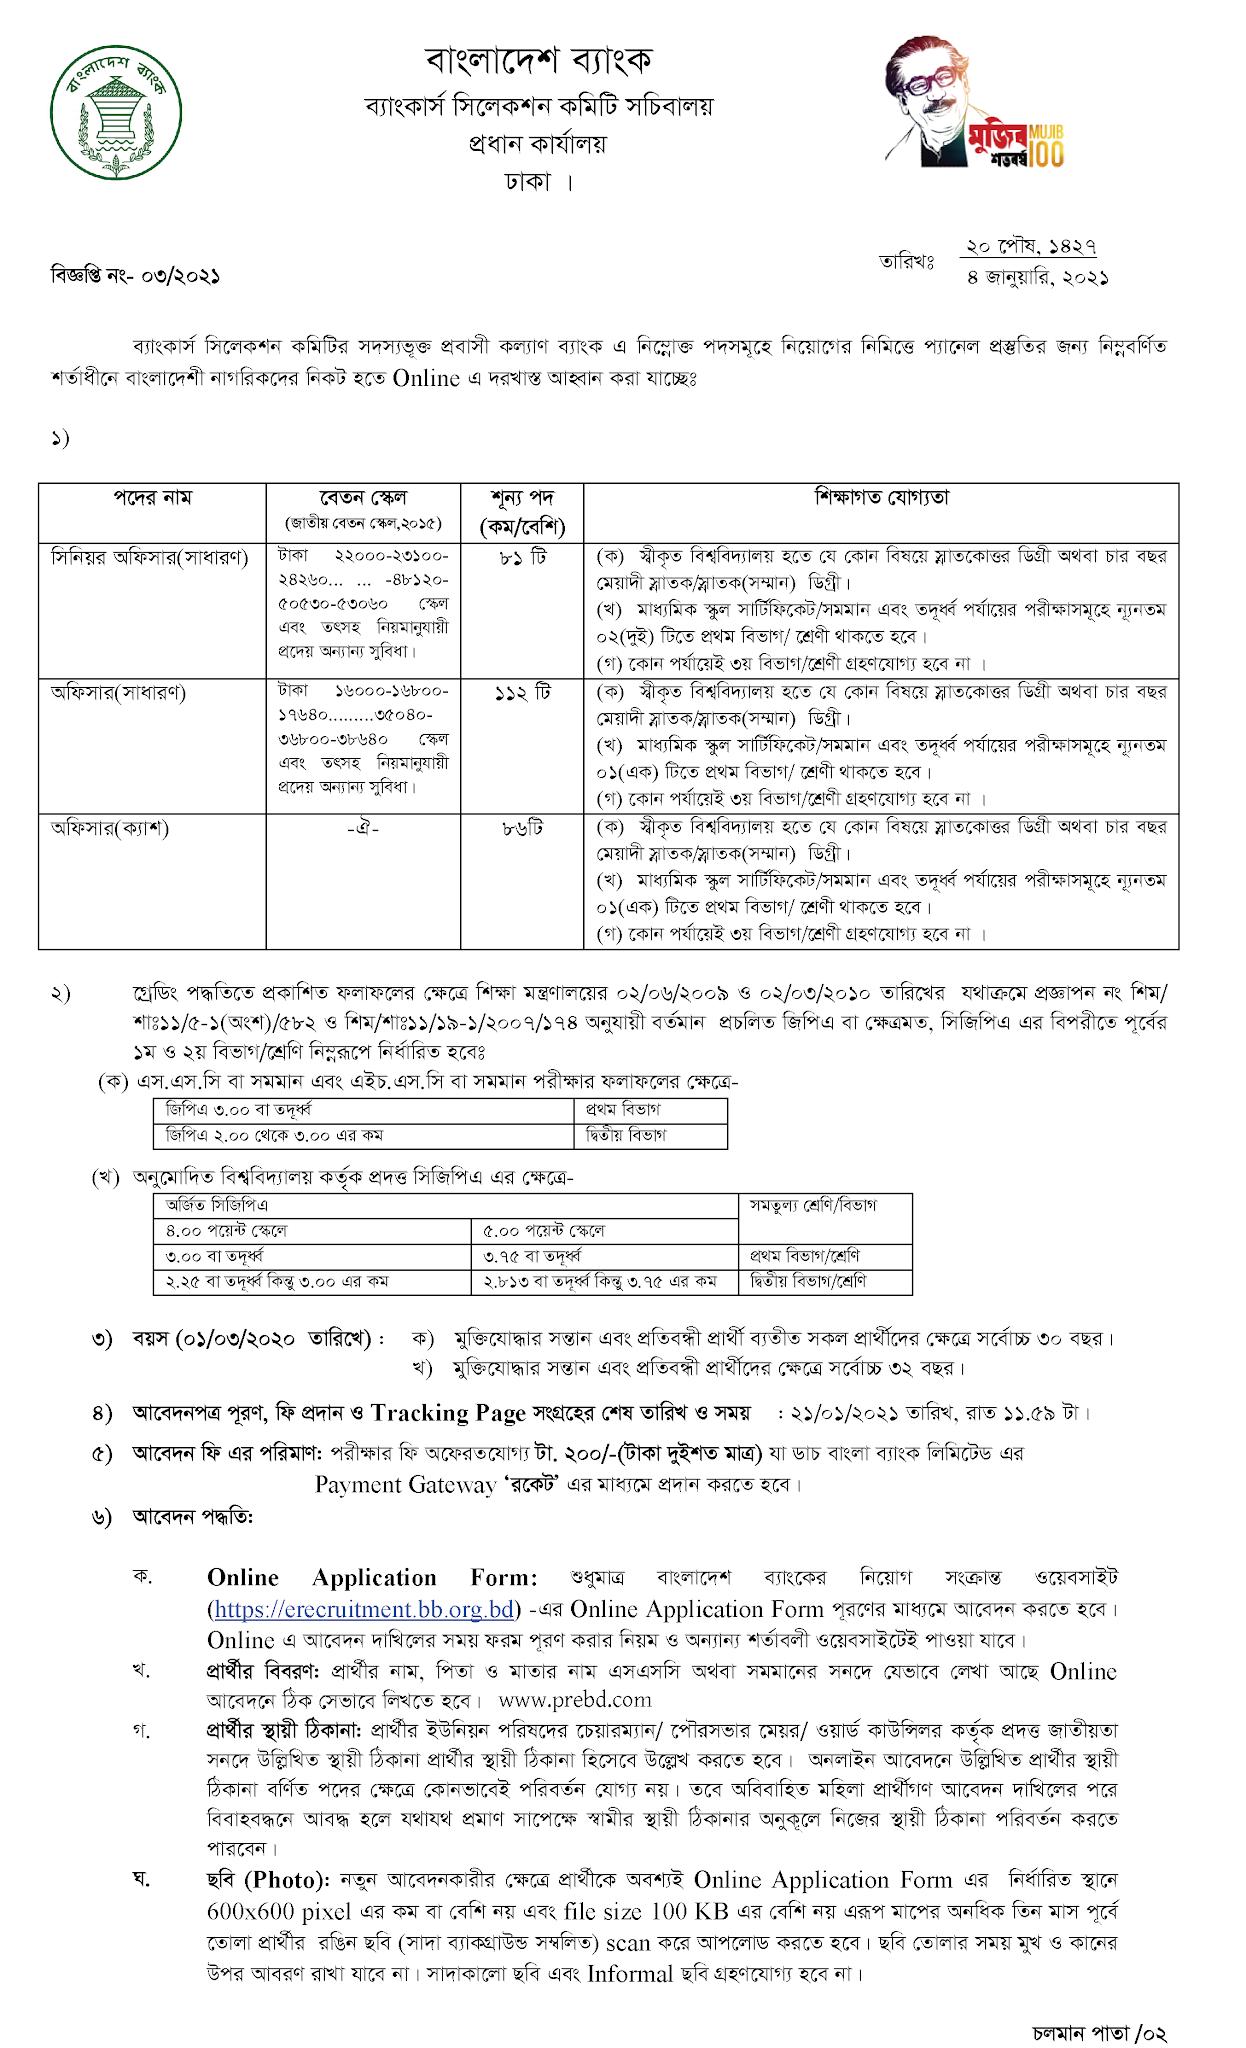 প্রবাসী কল্যাণ ব্যাংক (PKB) এ নিয়োগ বিজ্ঞপ্তি ২০২১